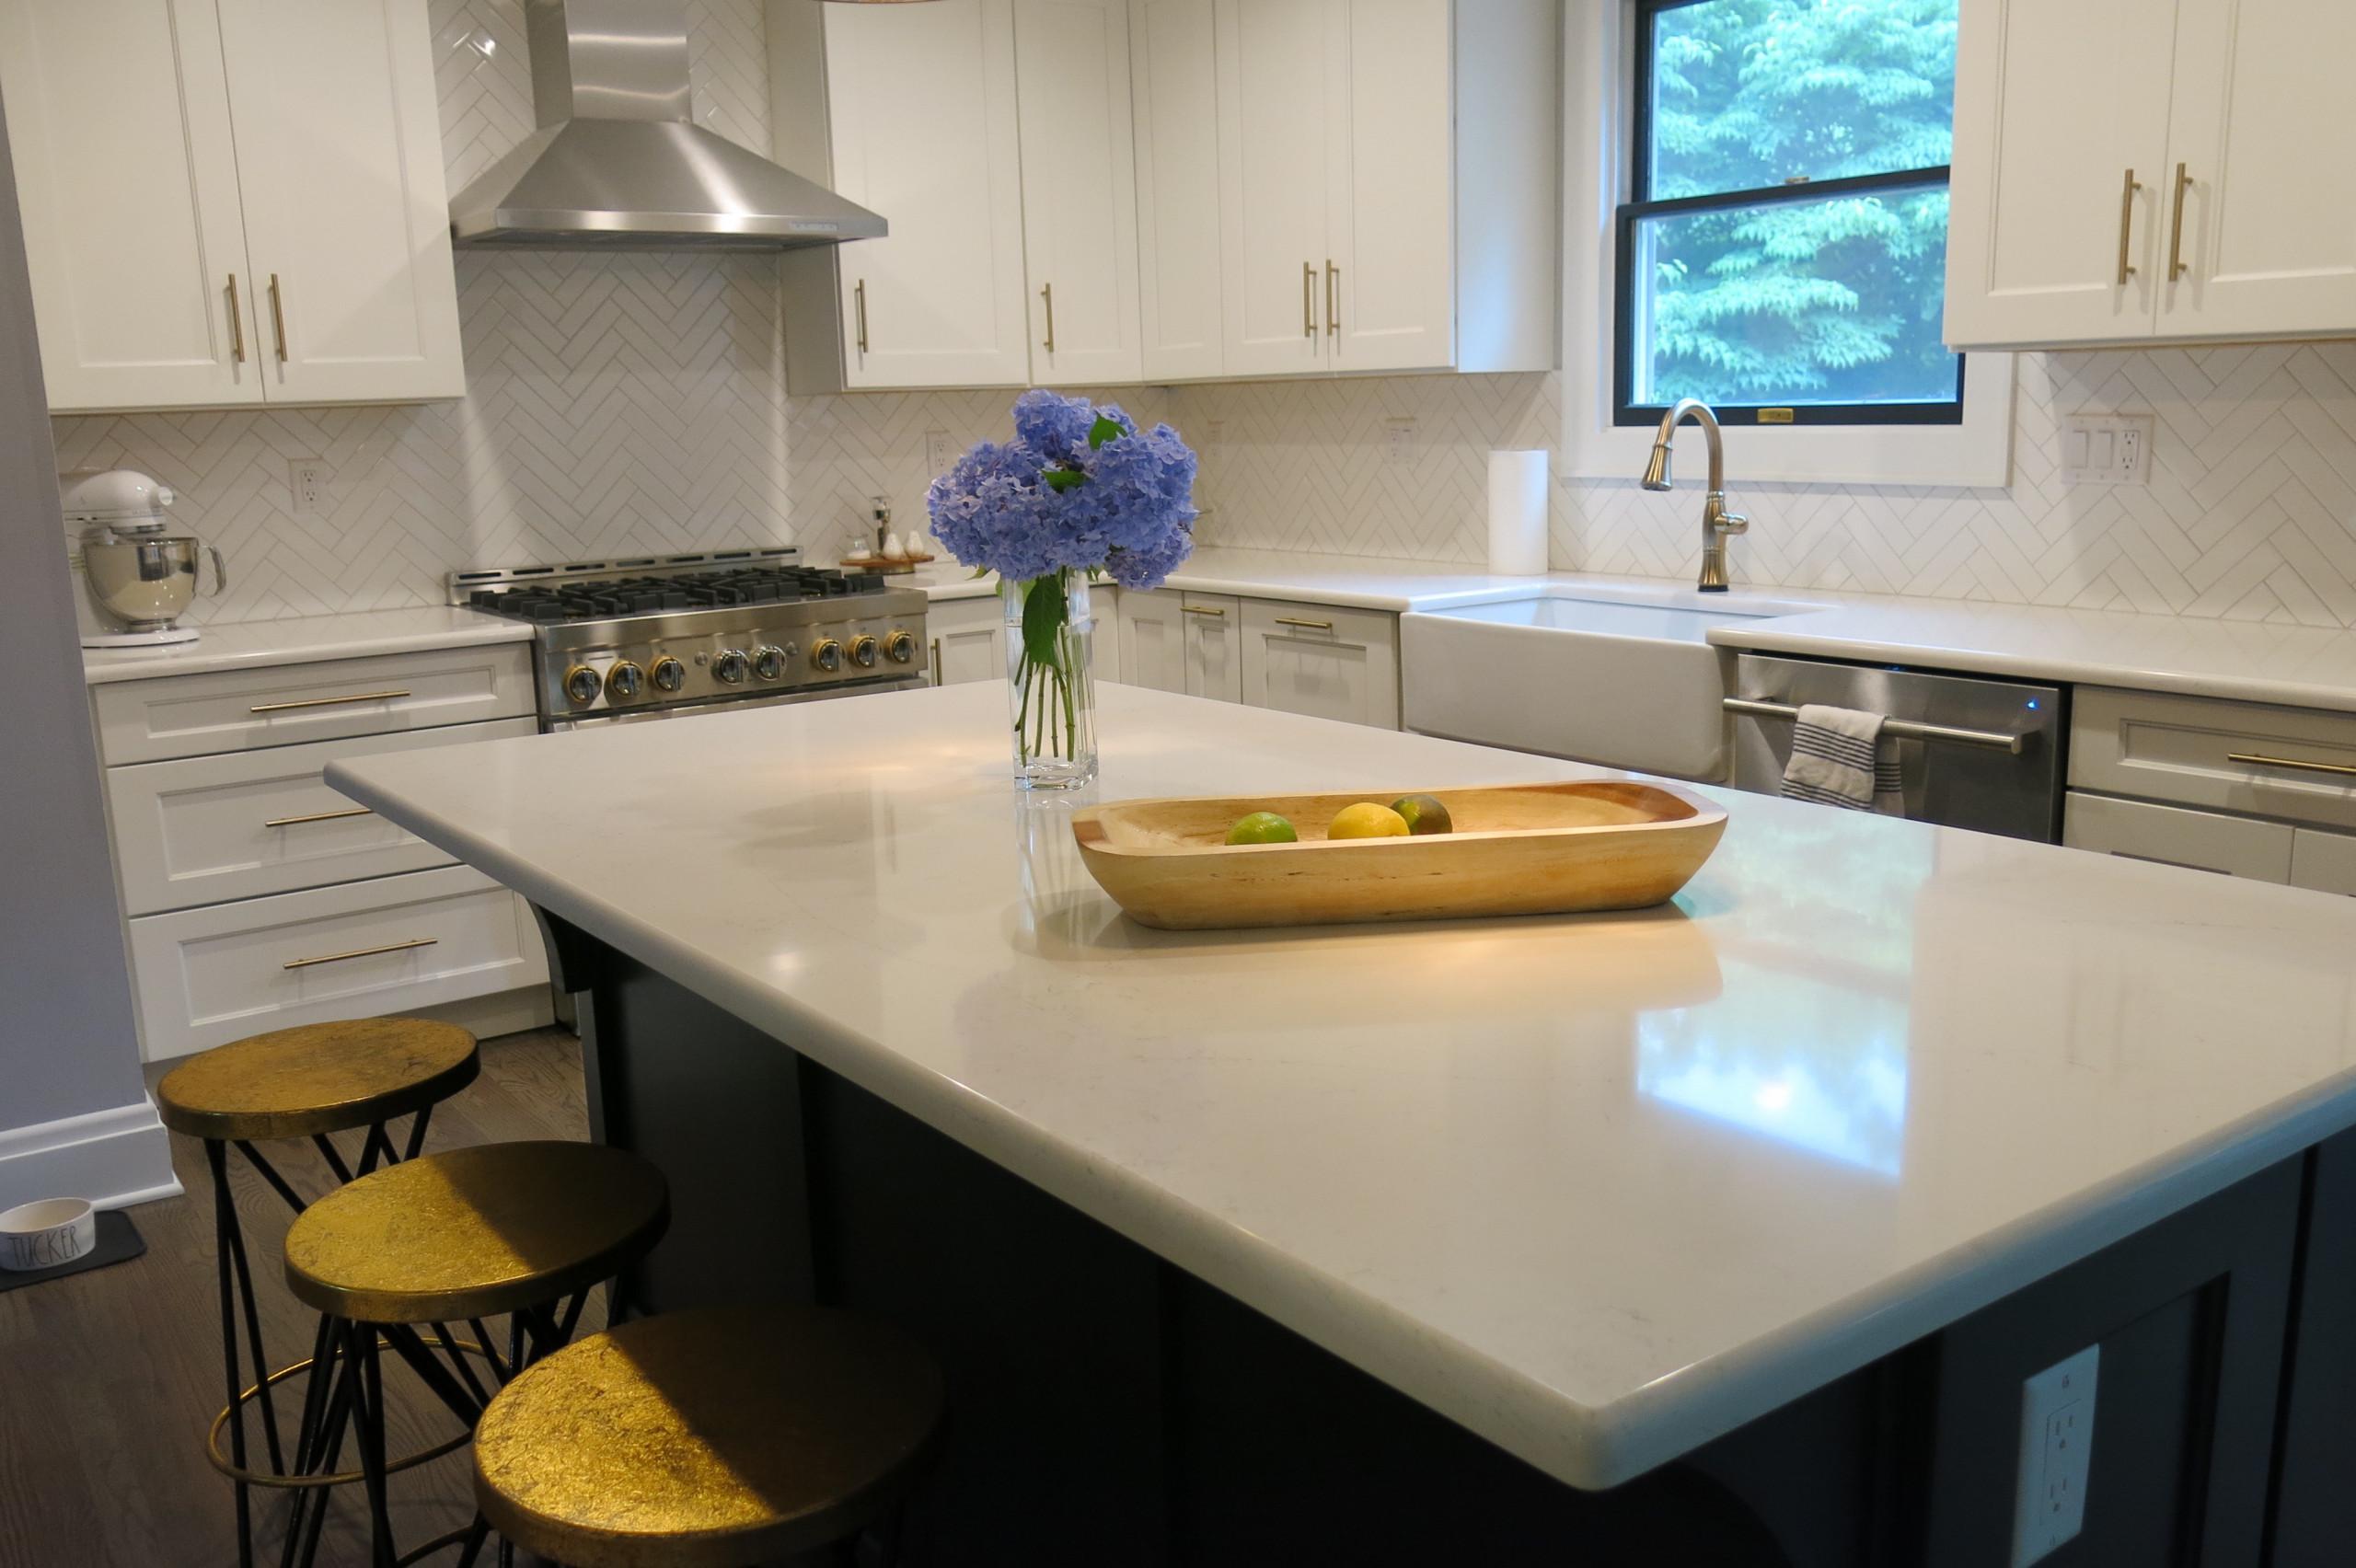 Westfield Kitchen